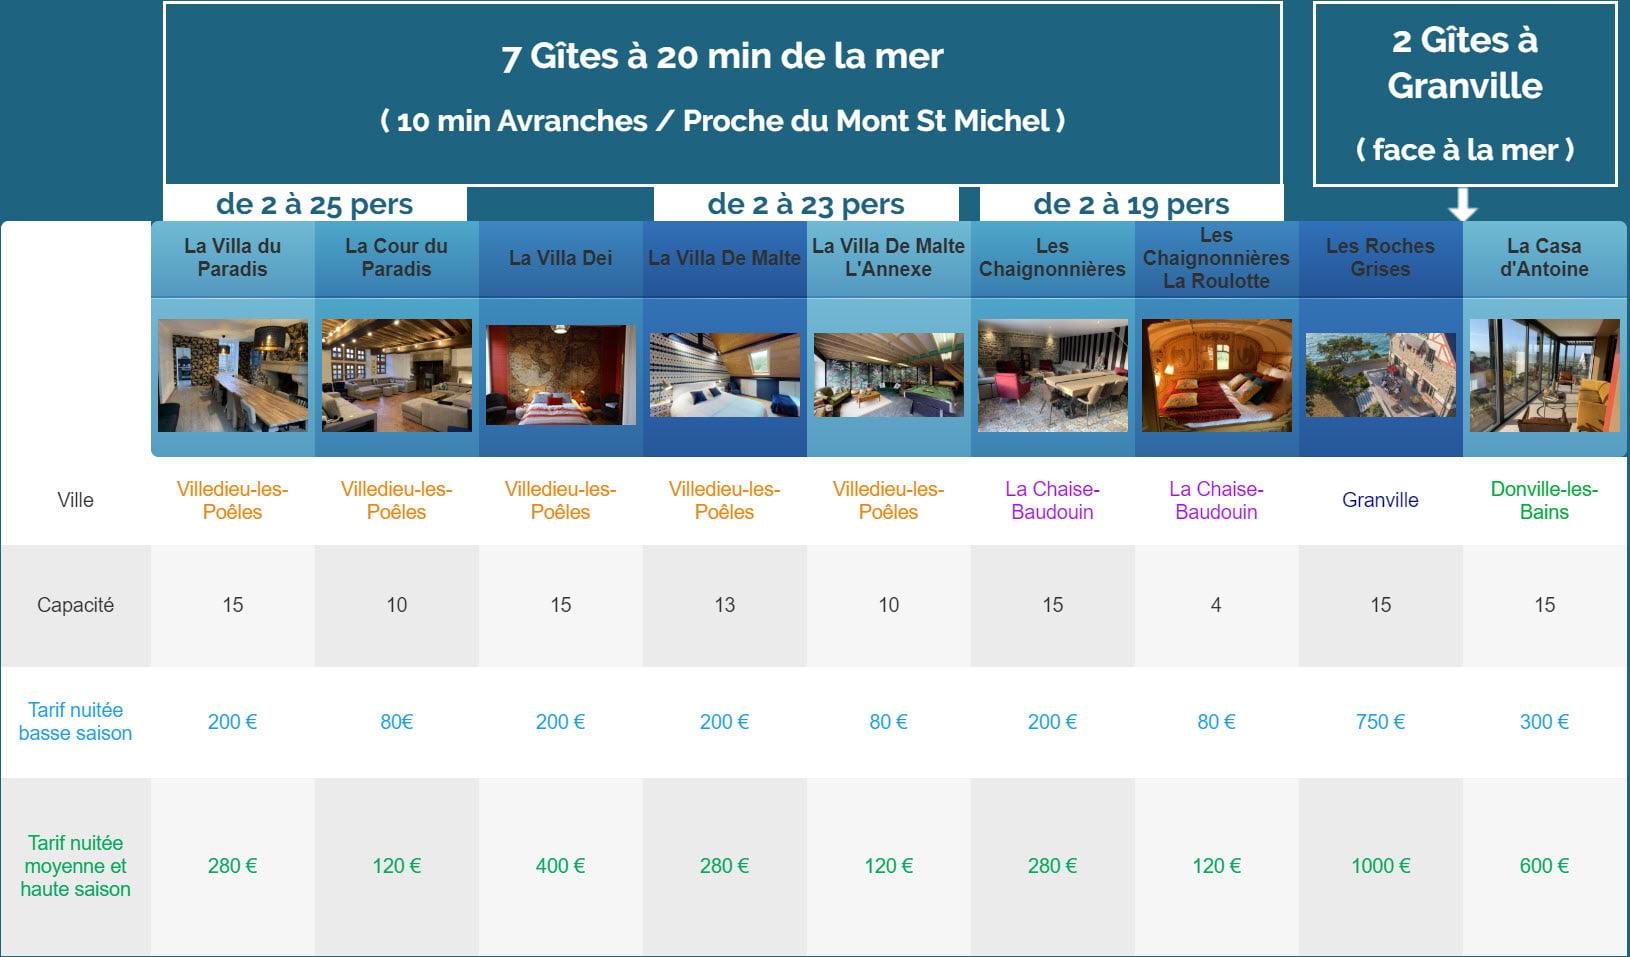 nuitee nouveaux gites 1 - Tarifs - Location de Gite La Clef Decamp - Laclefdecamp.fr